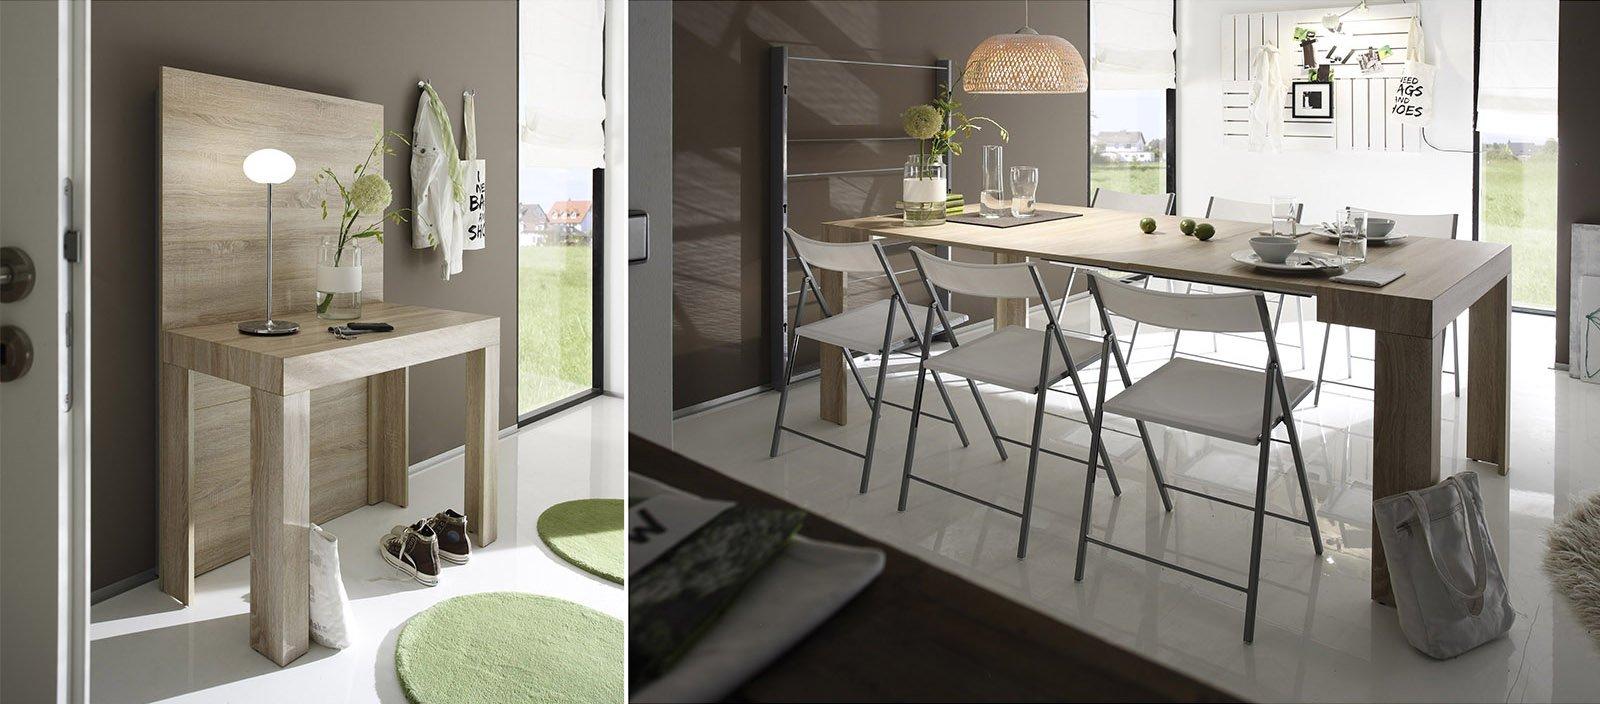 Mobili sala da pranzo mercatone uno mobilia la tua casa - Mobili tv mercatone uno ...